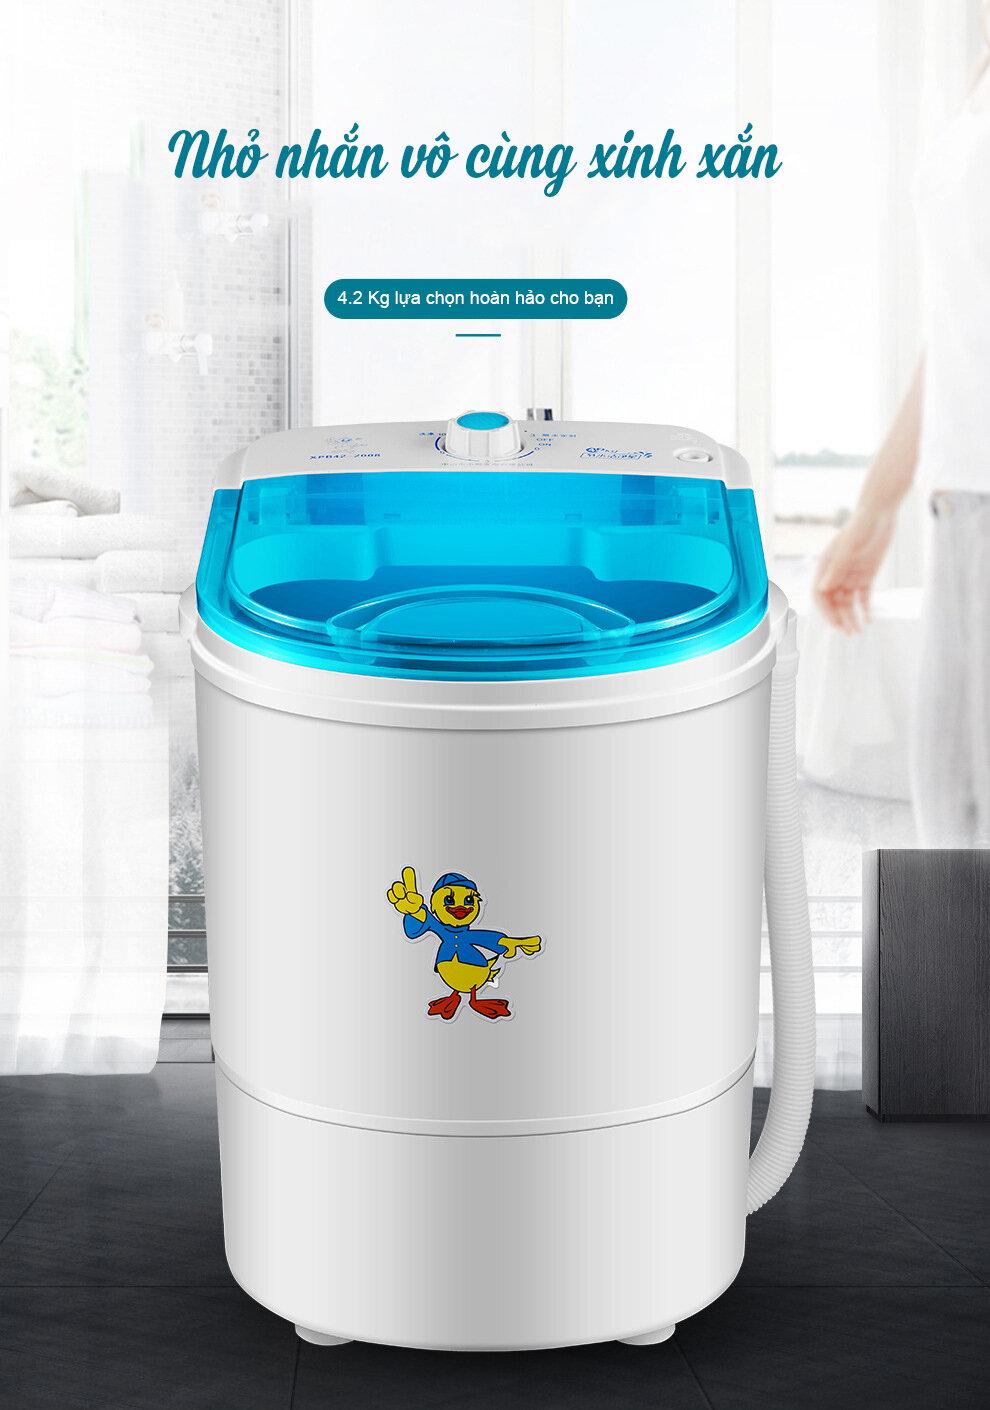 Máy giặt mini có thiết kế nhỏ gọn